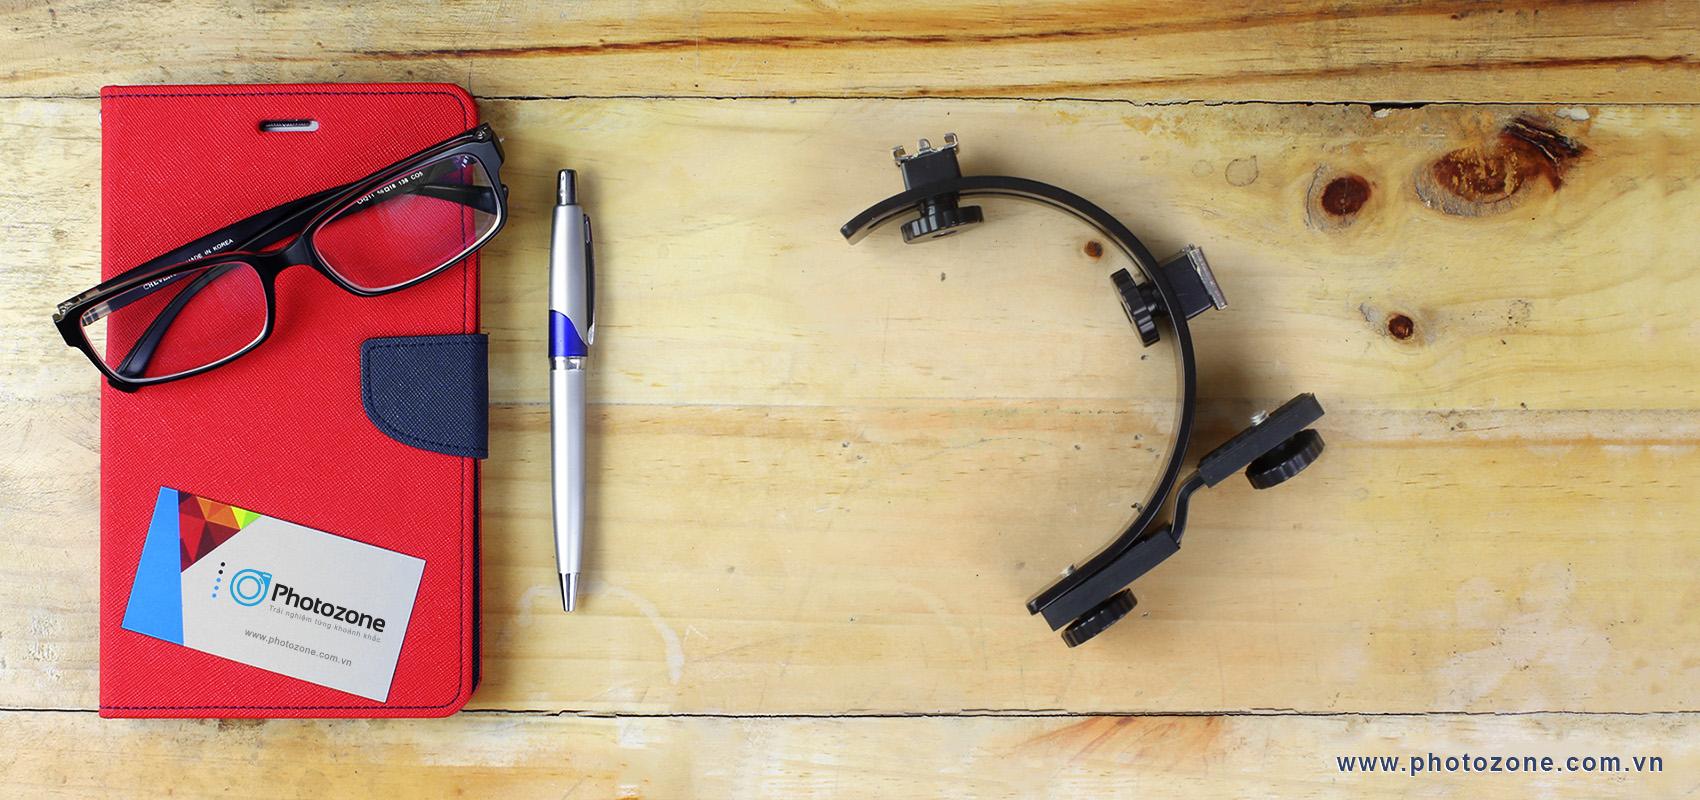 C-shape bracket - Thanh giữ flash rời máy ảnh chữ C